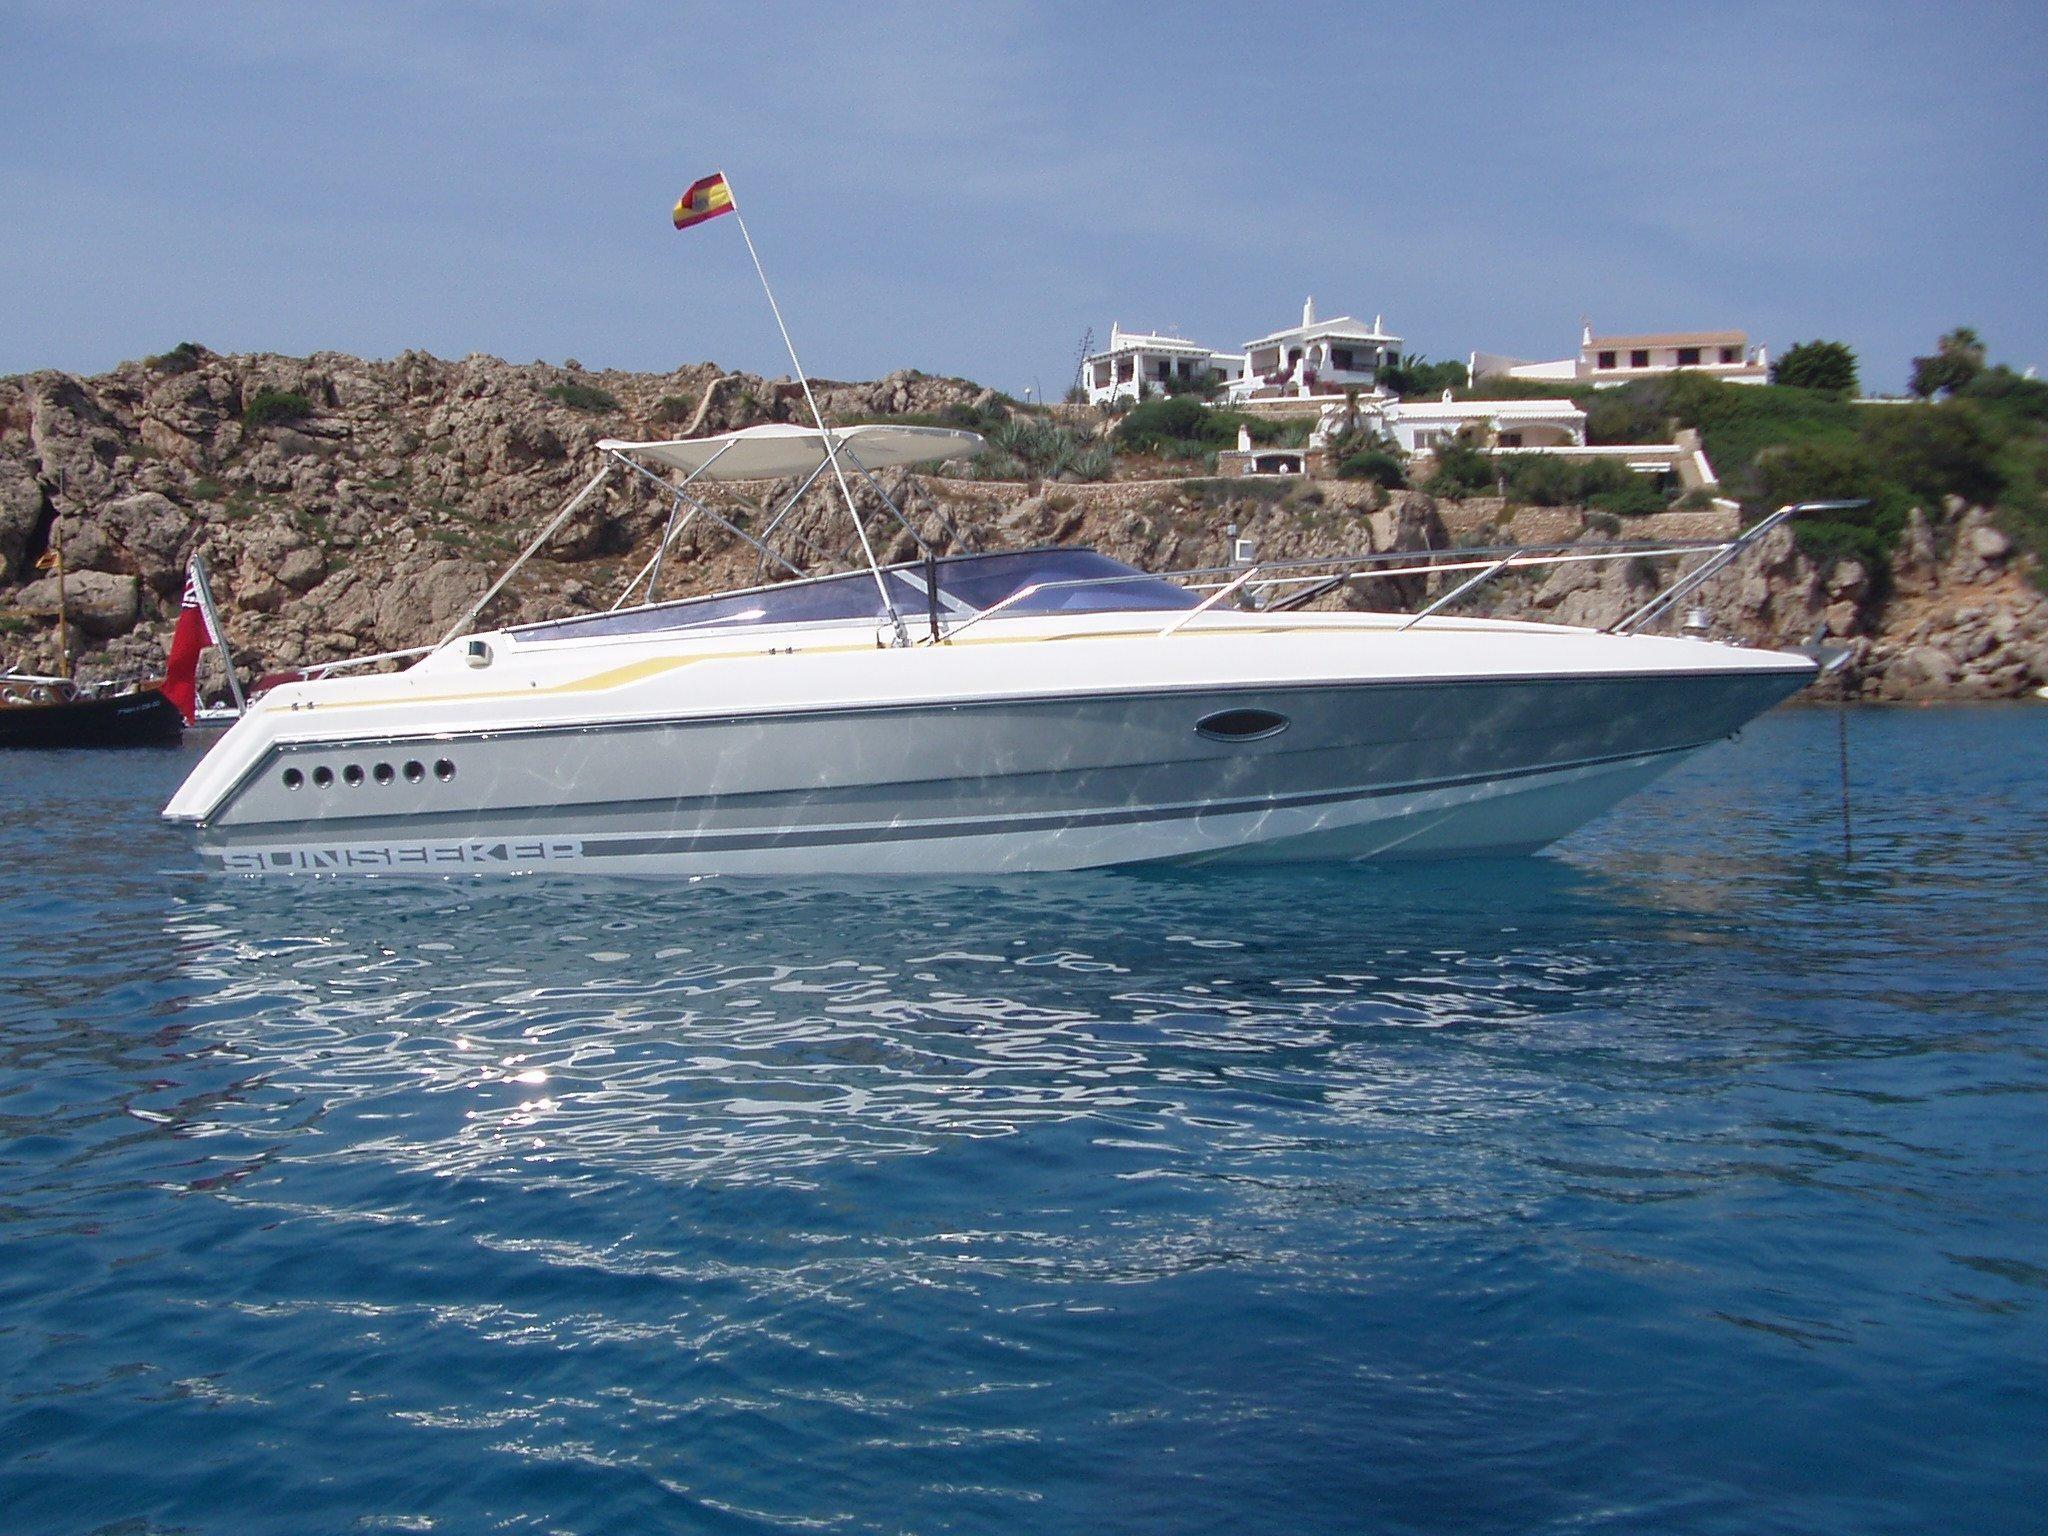 Volvo Of Clearwater >> 1989 Sunseeker Hawk 27 Power Boat For Sale - www ...